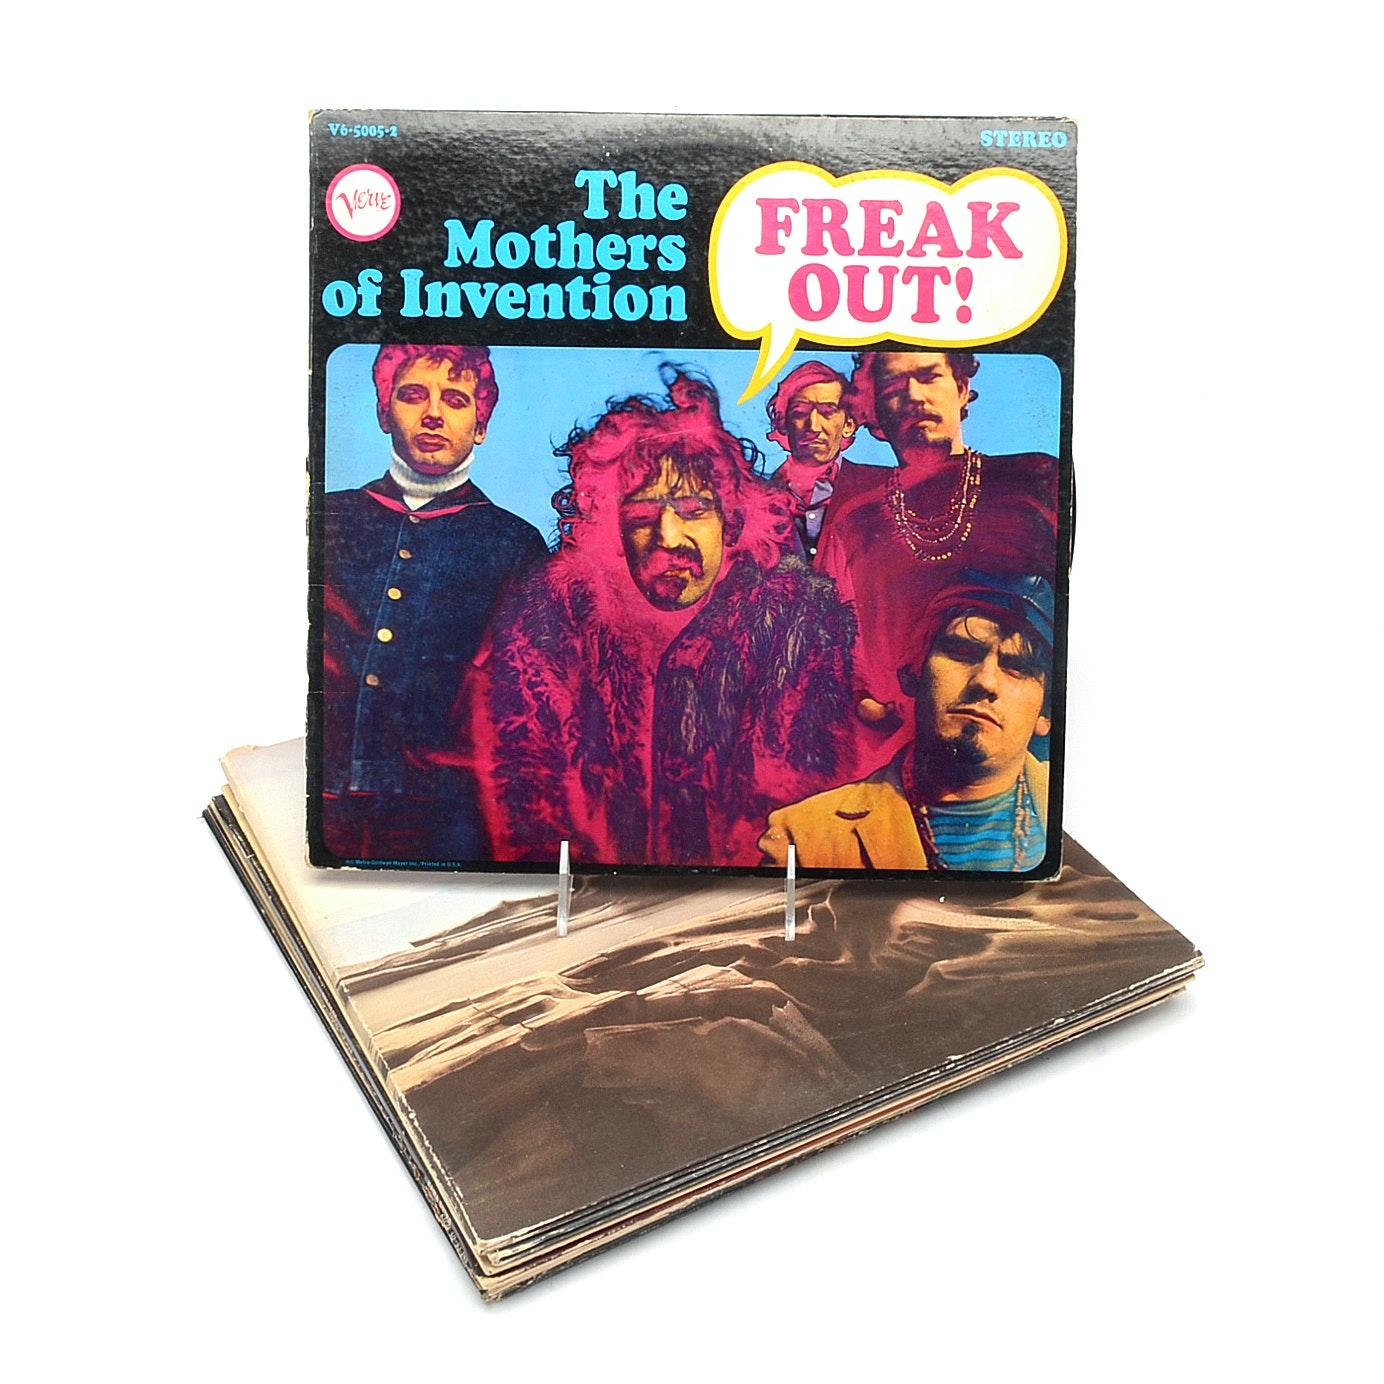 Vintage Rock LPs including Bob Dylan